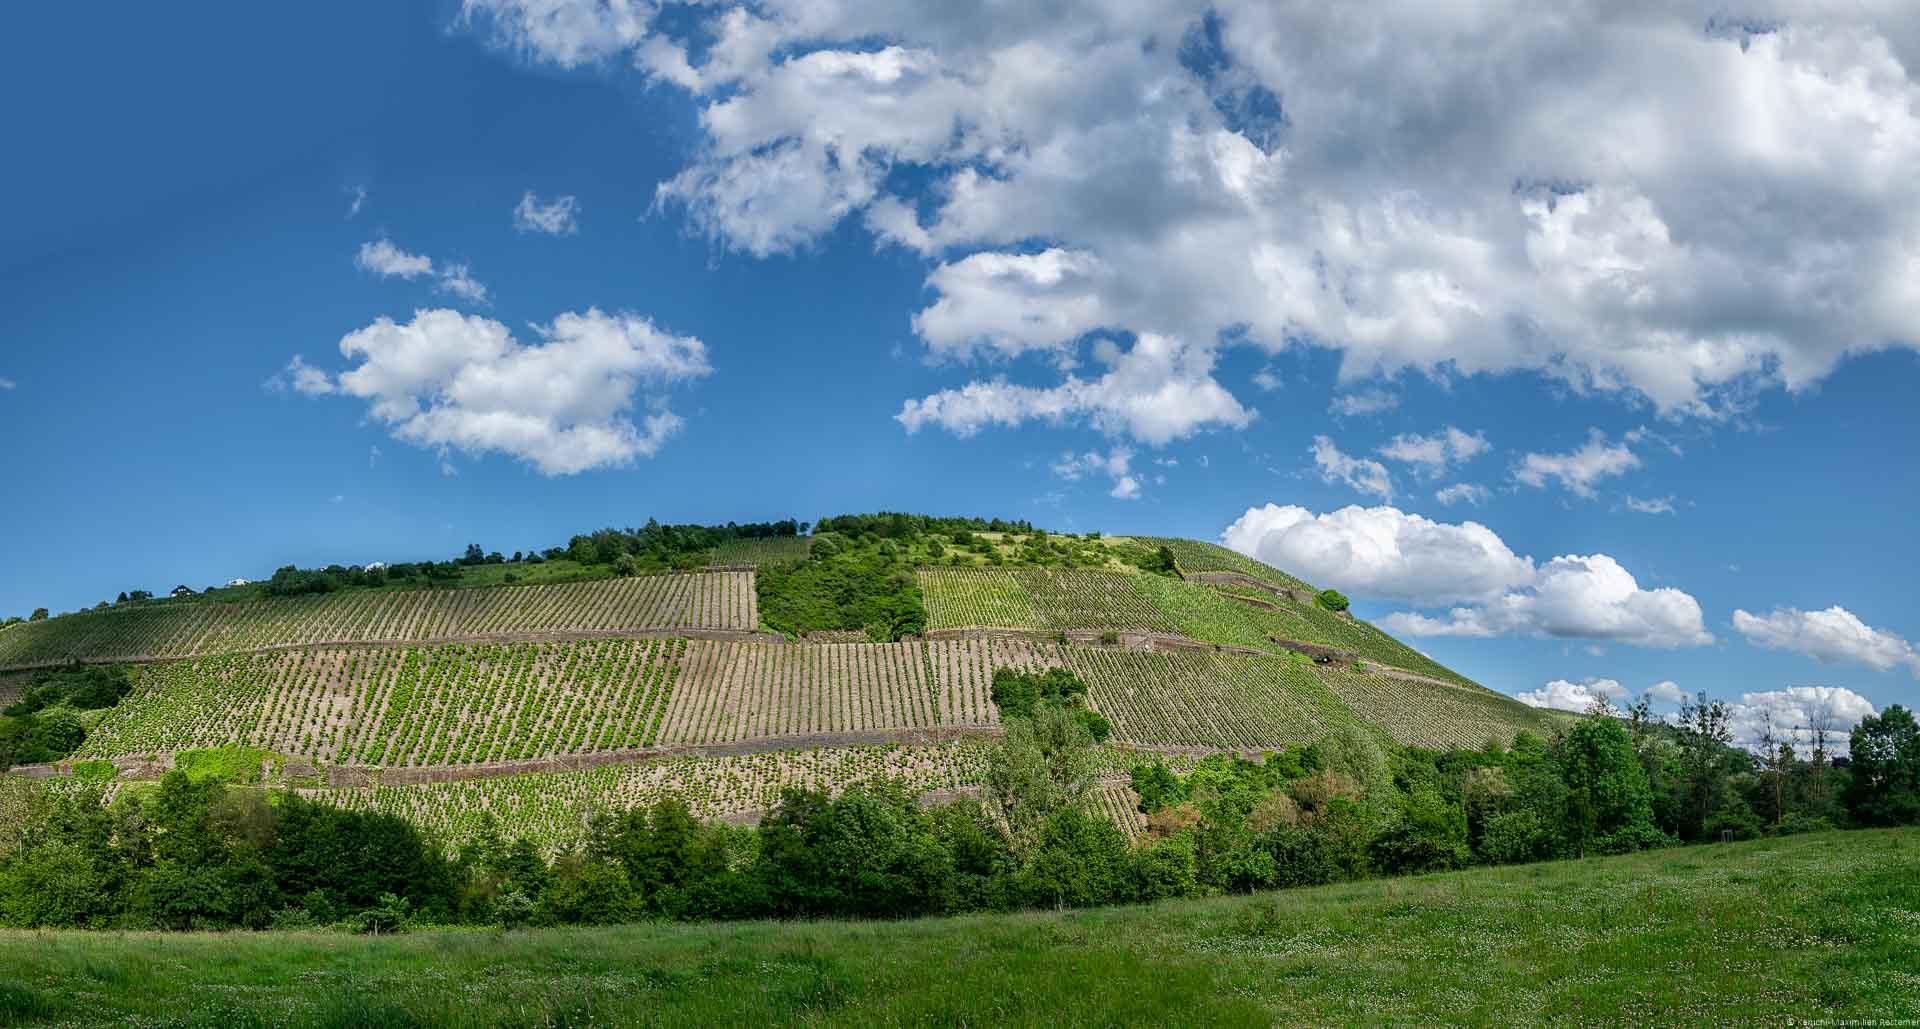 Die Mertesdorfer Lorenzhöfer Felslay ist der mittlere Streifen des Weinbergs auf dem Bild. Vorne ist eine Wiese. Oben ist ein teilweise bewölkter sowie blauer Himmel.